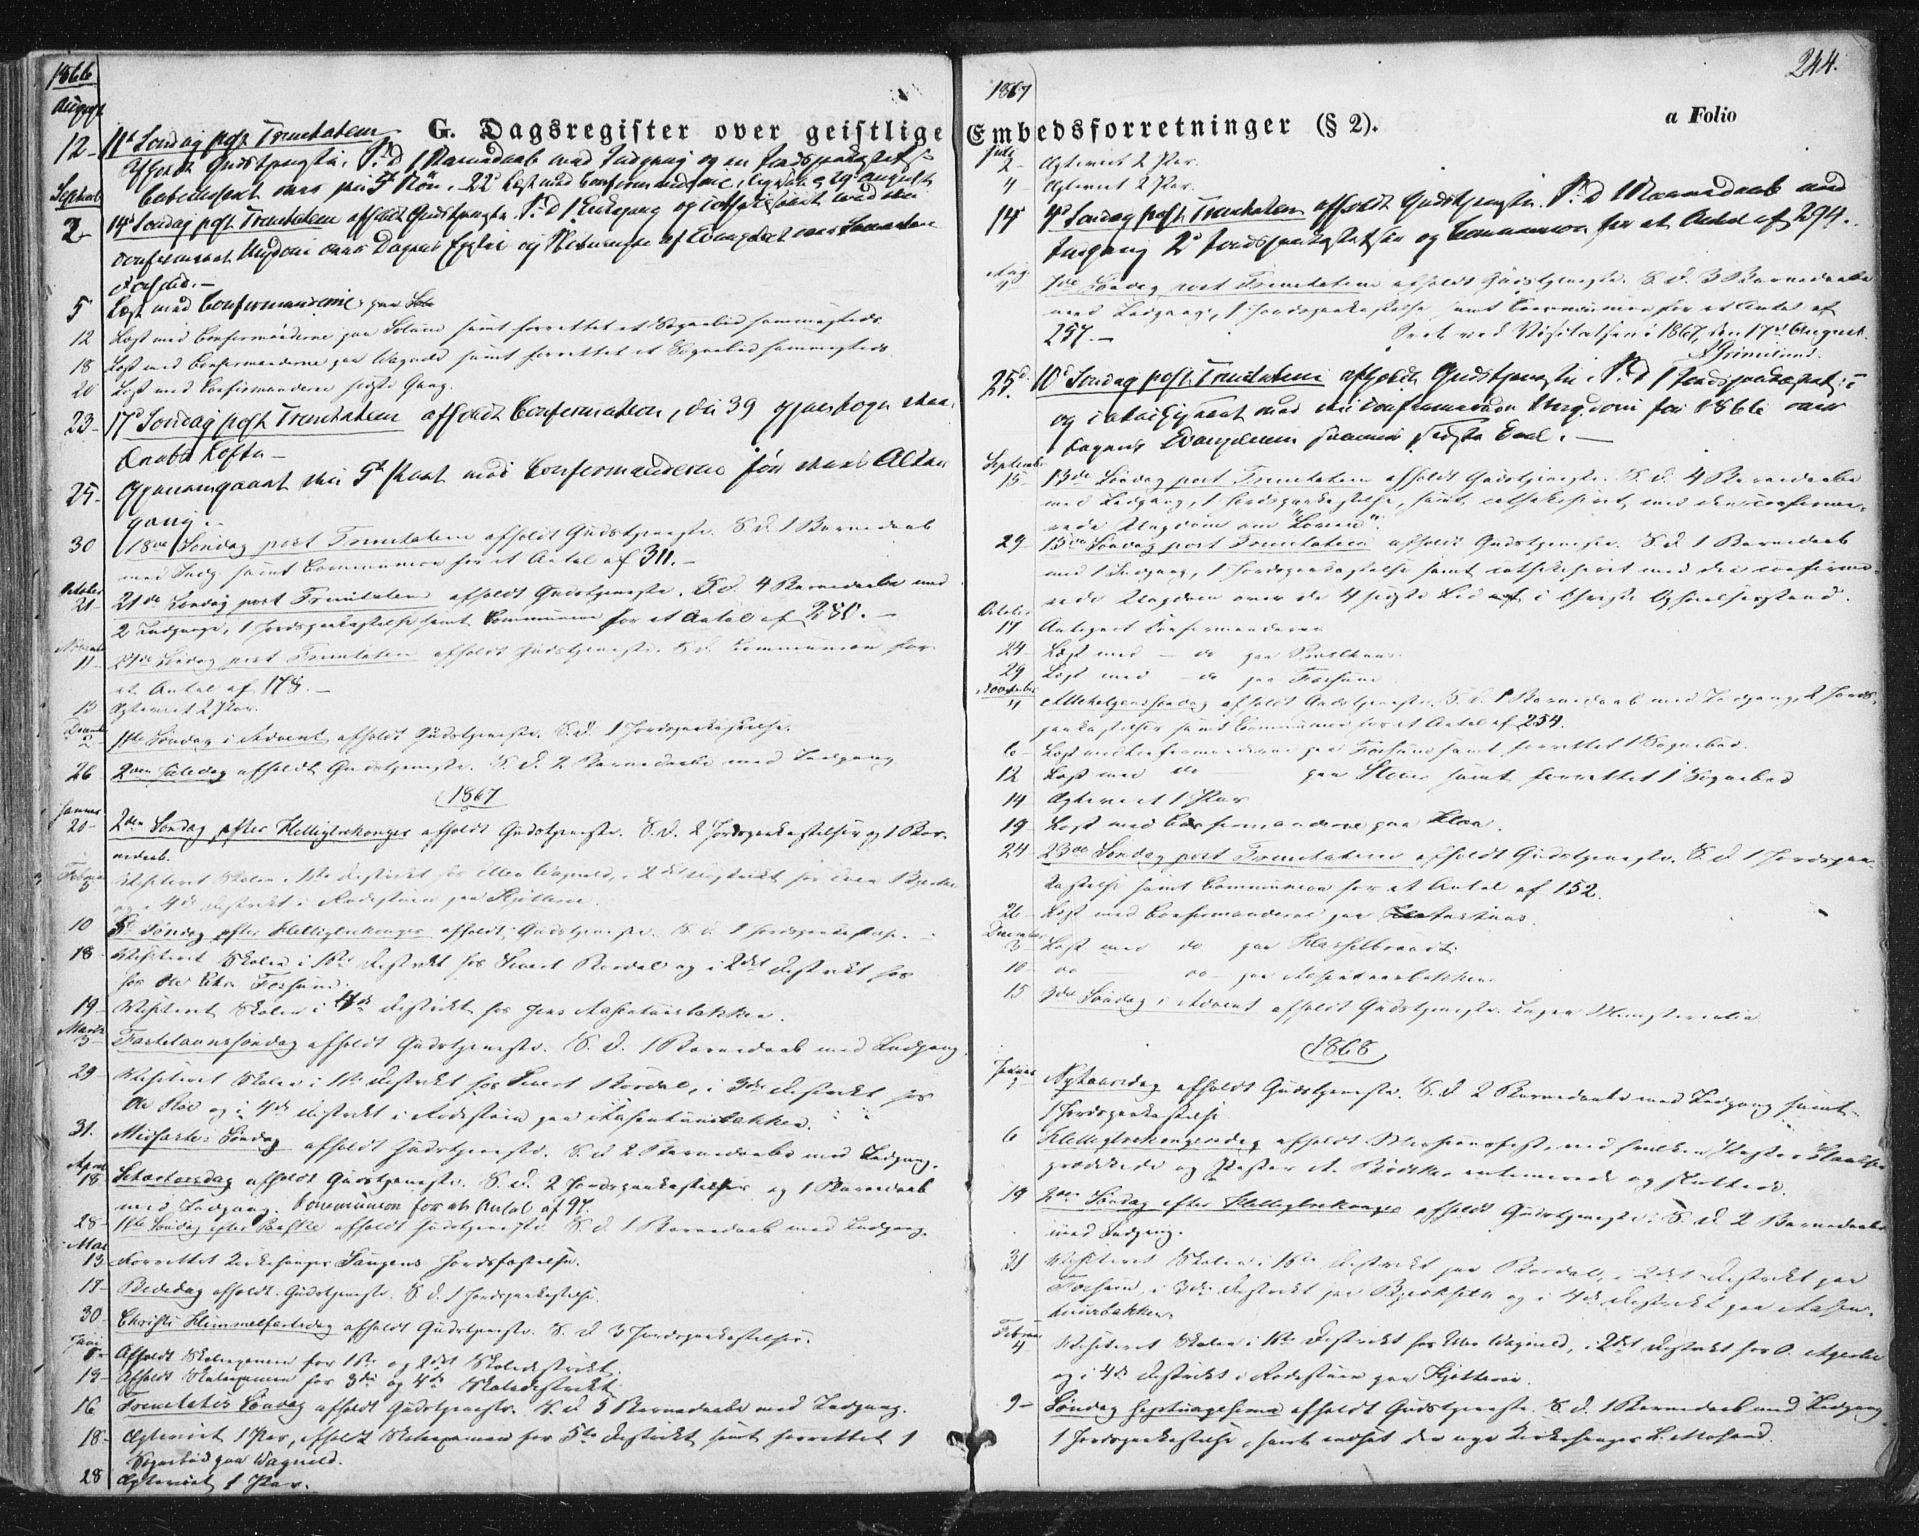 SAT, Ministerialprotokoller, klokkerbøker og fødselsregistre - Sør-Trøndelag, 689/L1038: Ministerialbok nr. 689A03, 1848-1872, s. 244